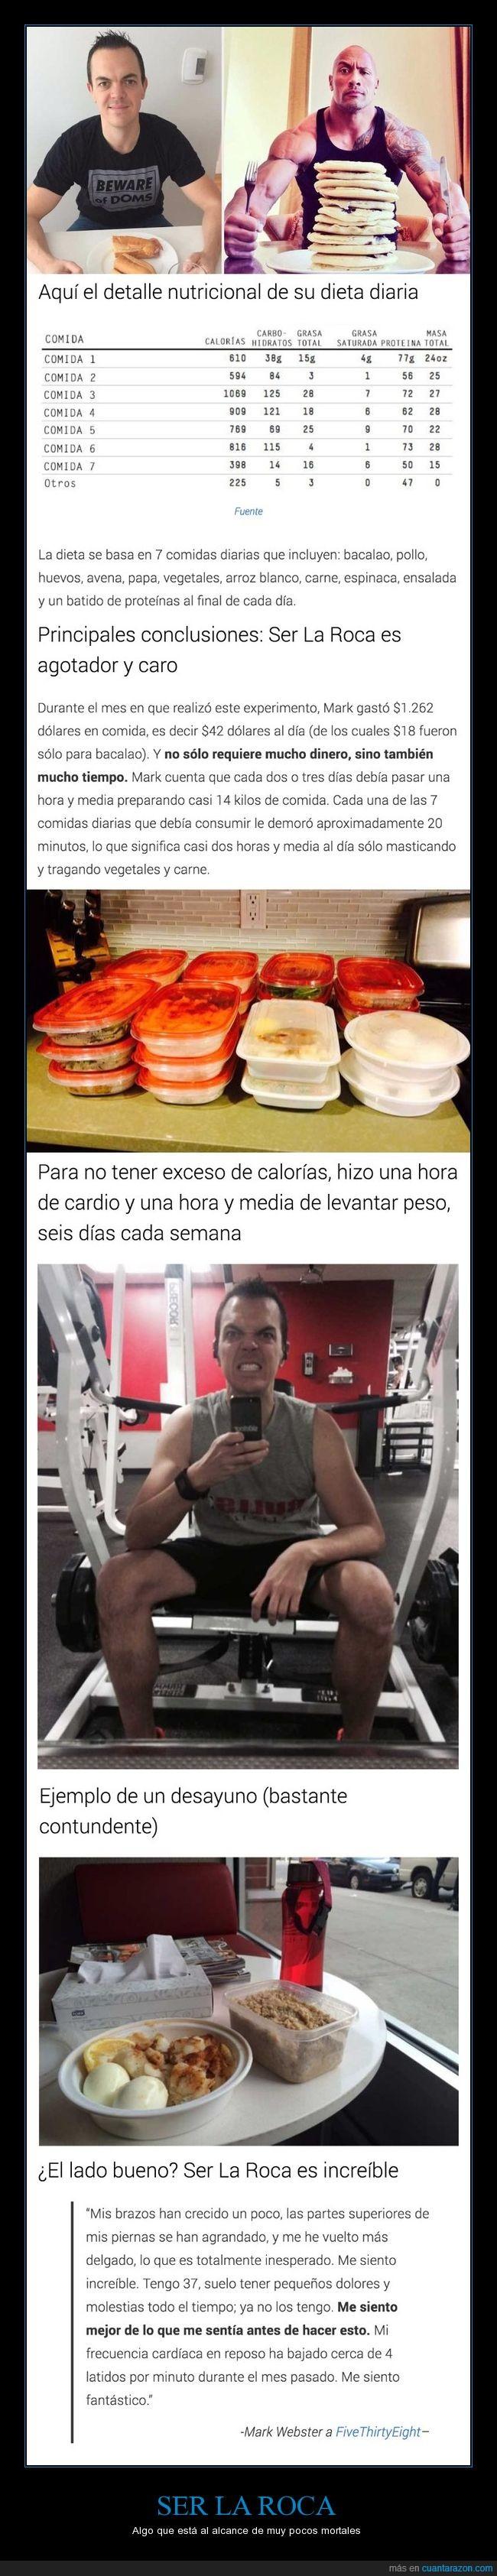 dieta,Dwayne Johnson,ejercicio,la roca